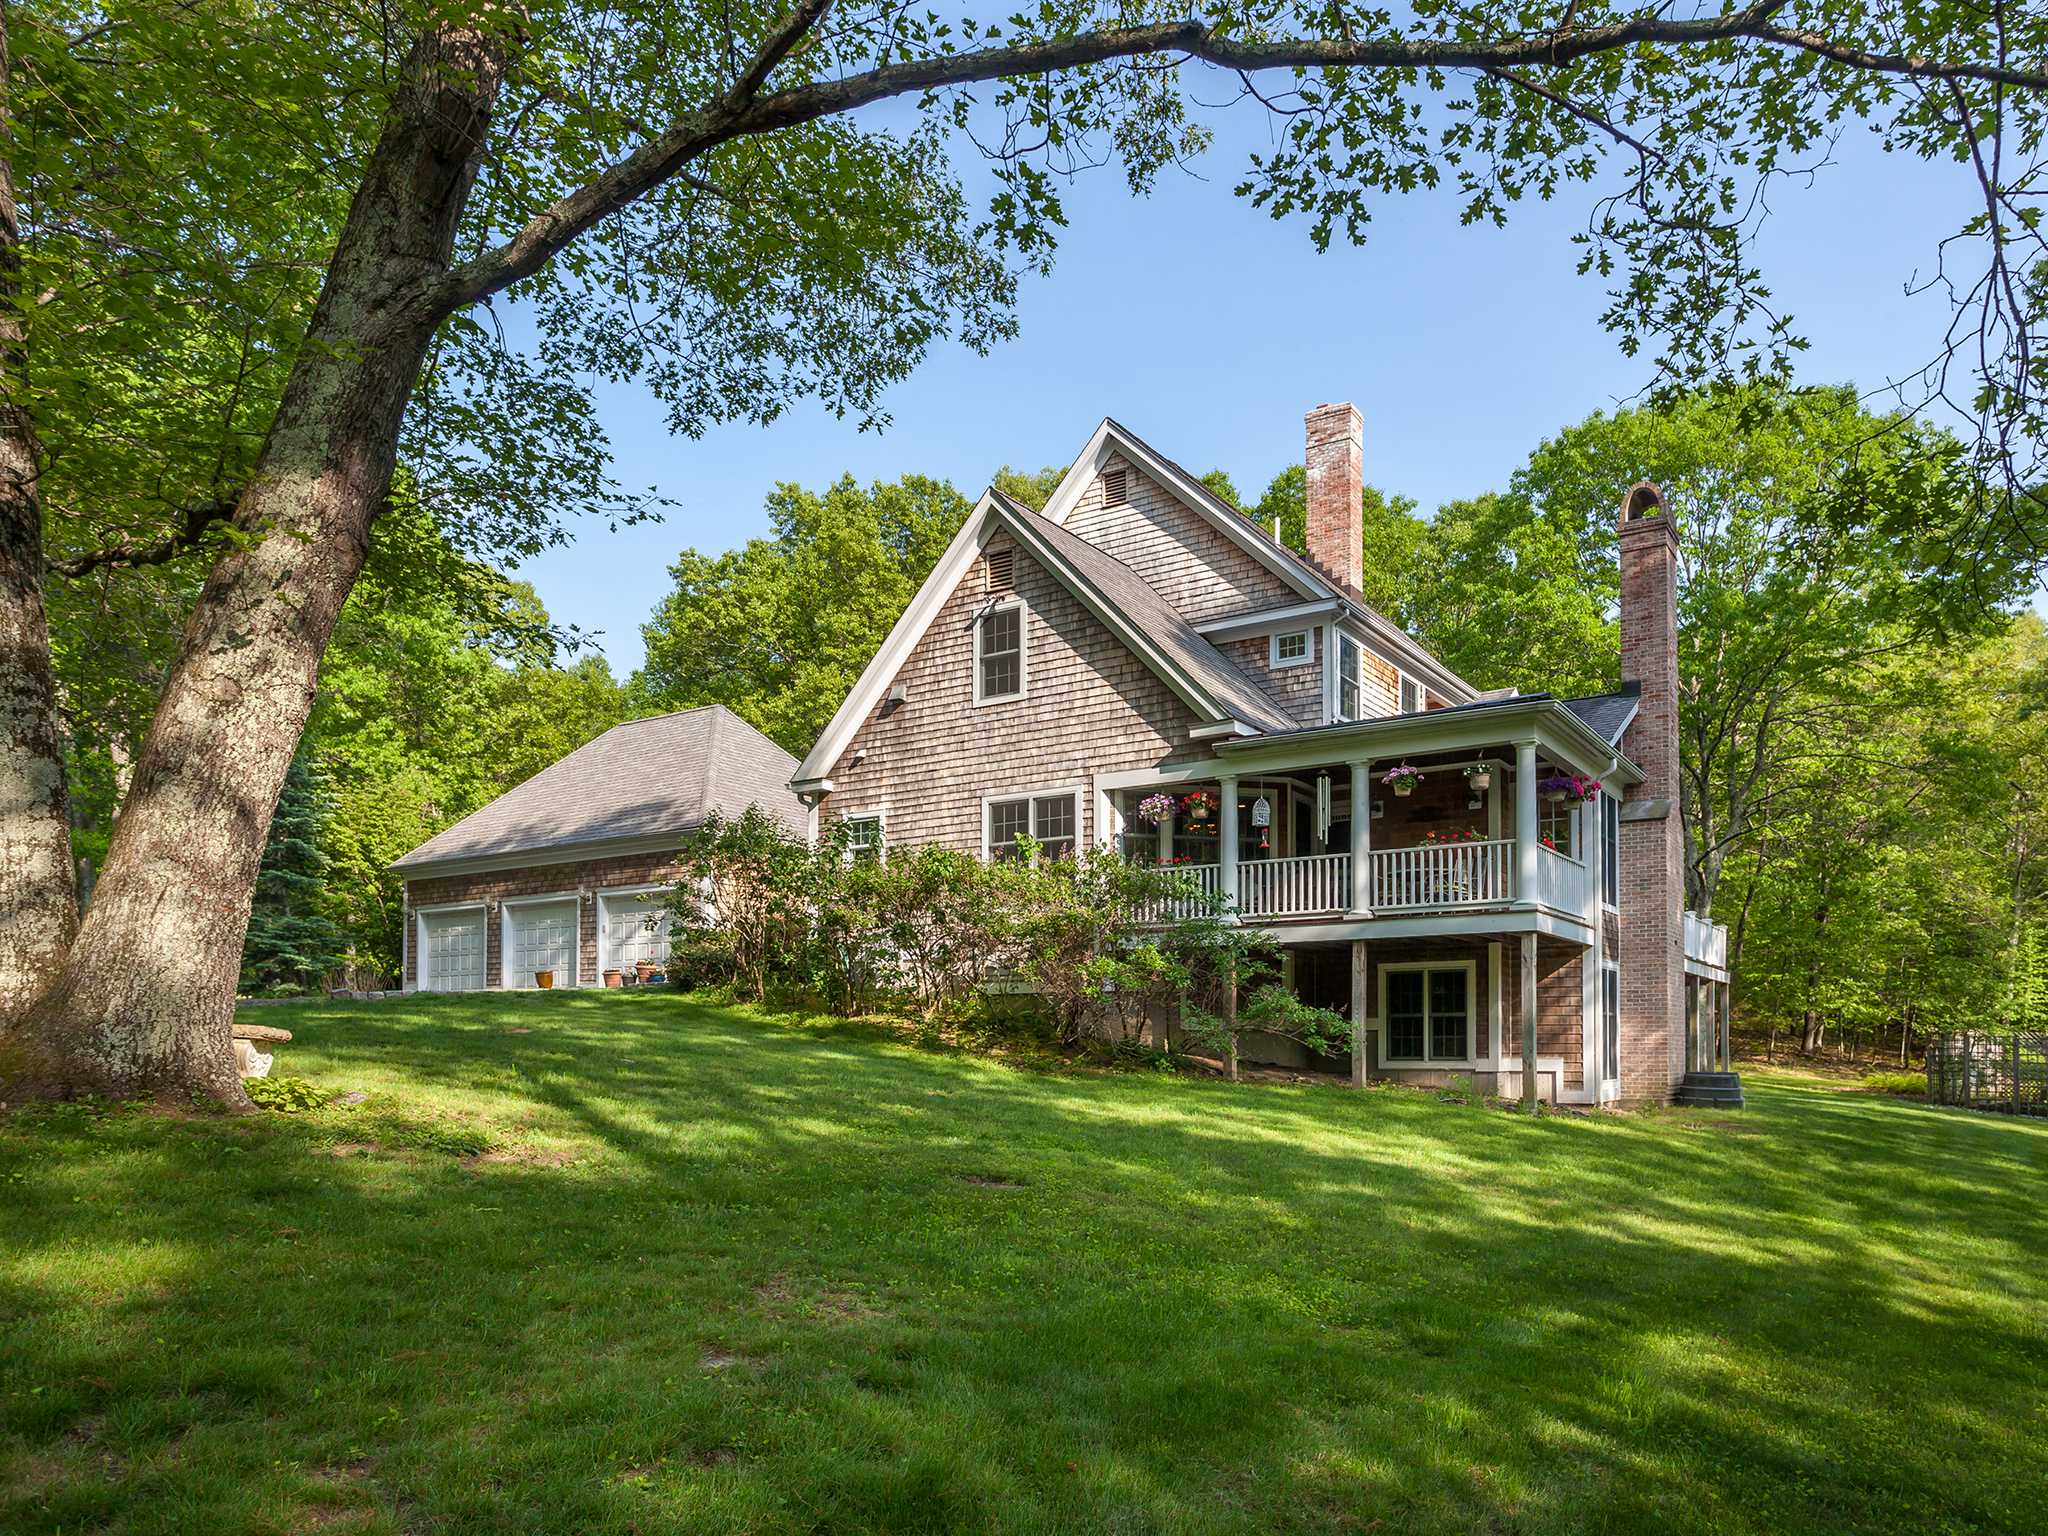 Casa Unifamiliar por un Venta en Stone Creek Manor 11 Farm Rd Roxbury, Connecticut, 06783 Estados Unidos